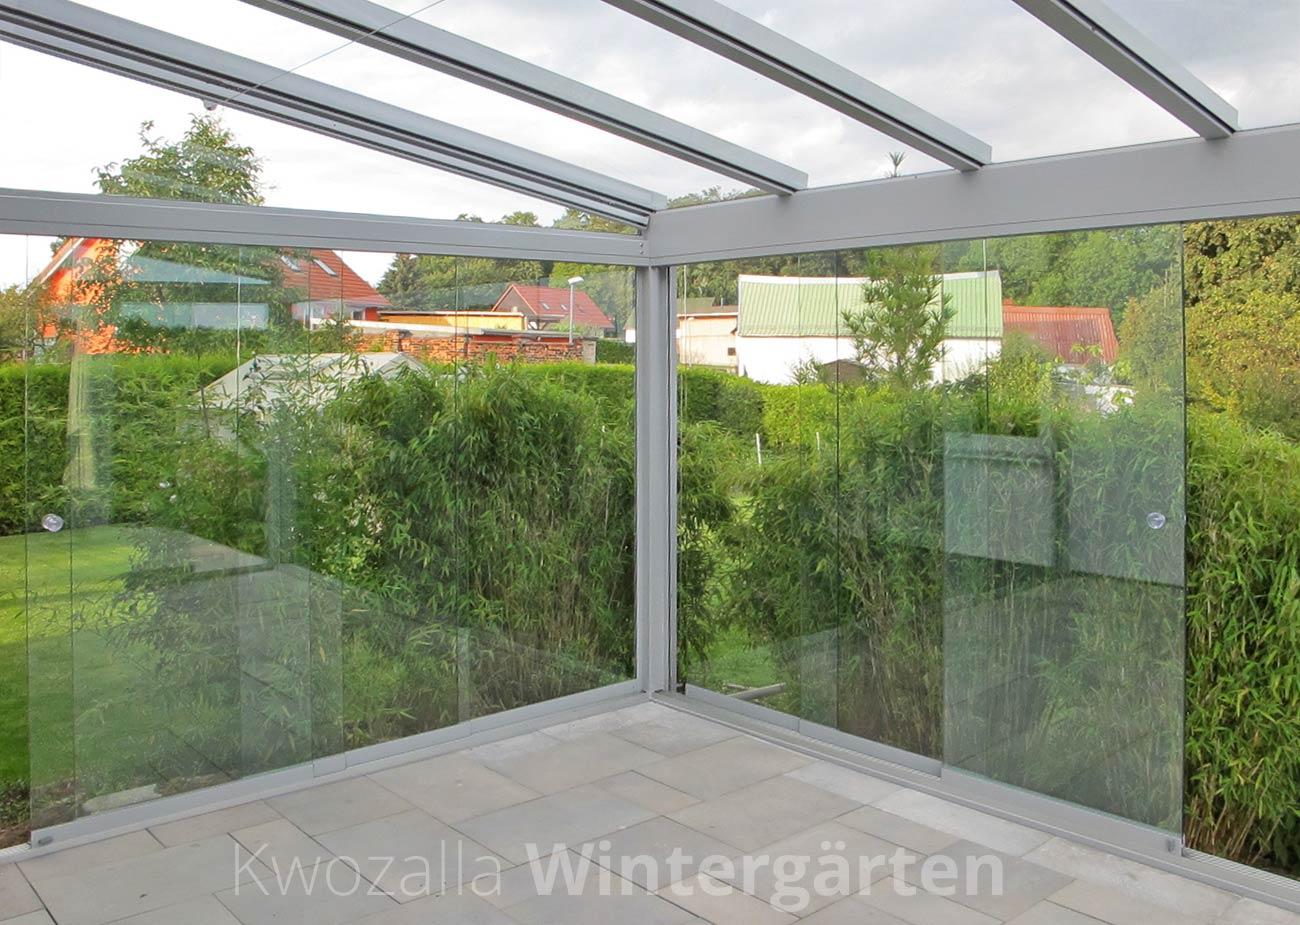 Windschutz Verglasung Der Terrassenuberdachung Firmengruppe